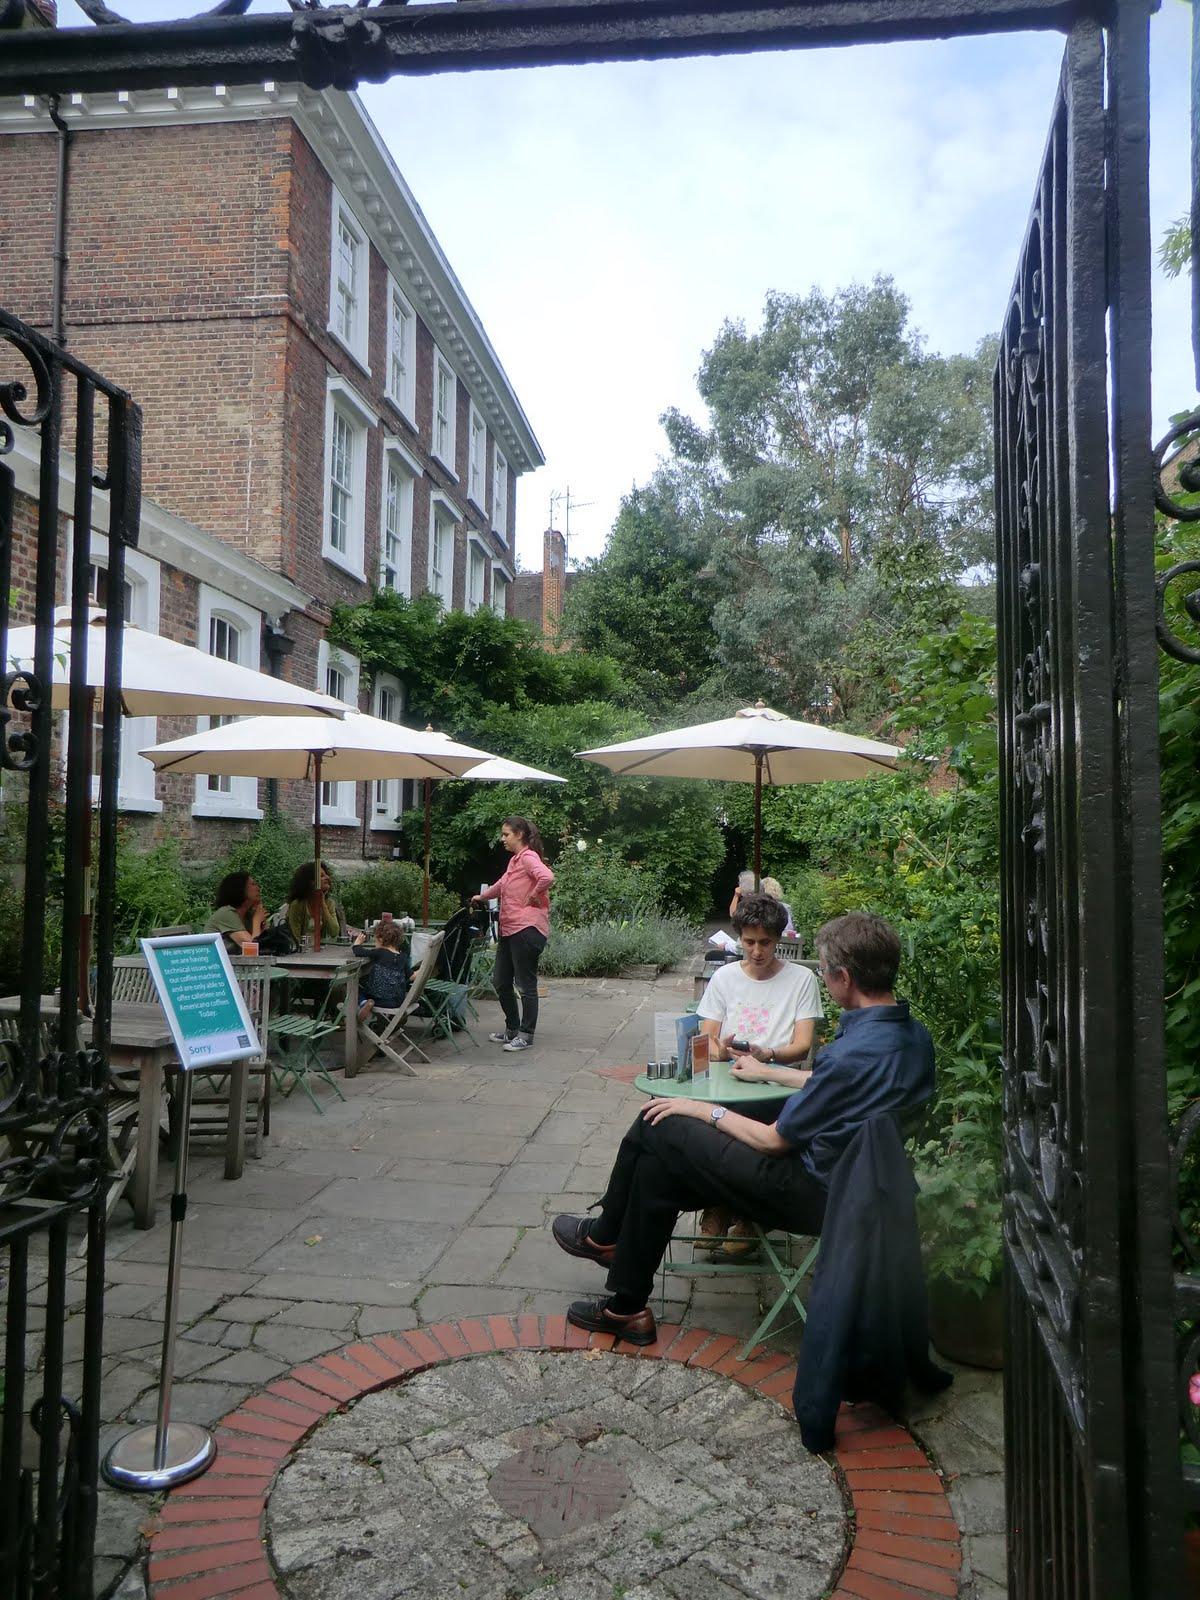 CIMG9670 Burgh House terrace, Hampstead